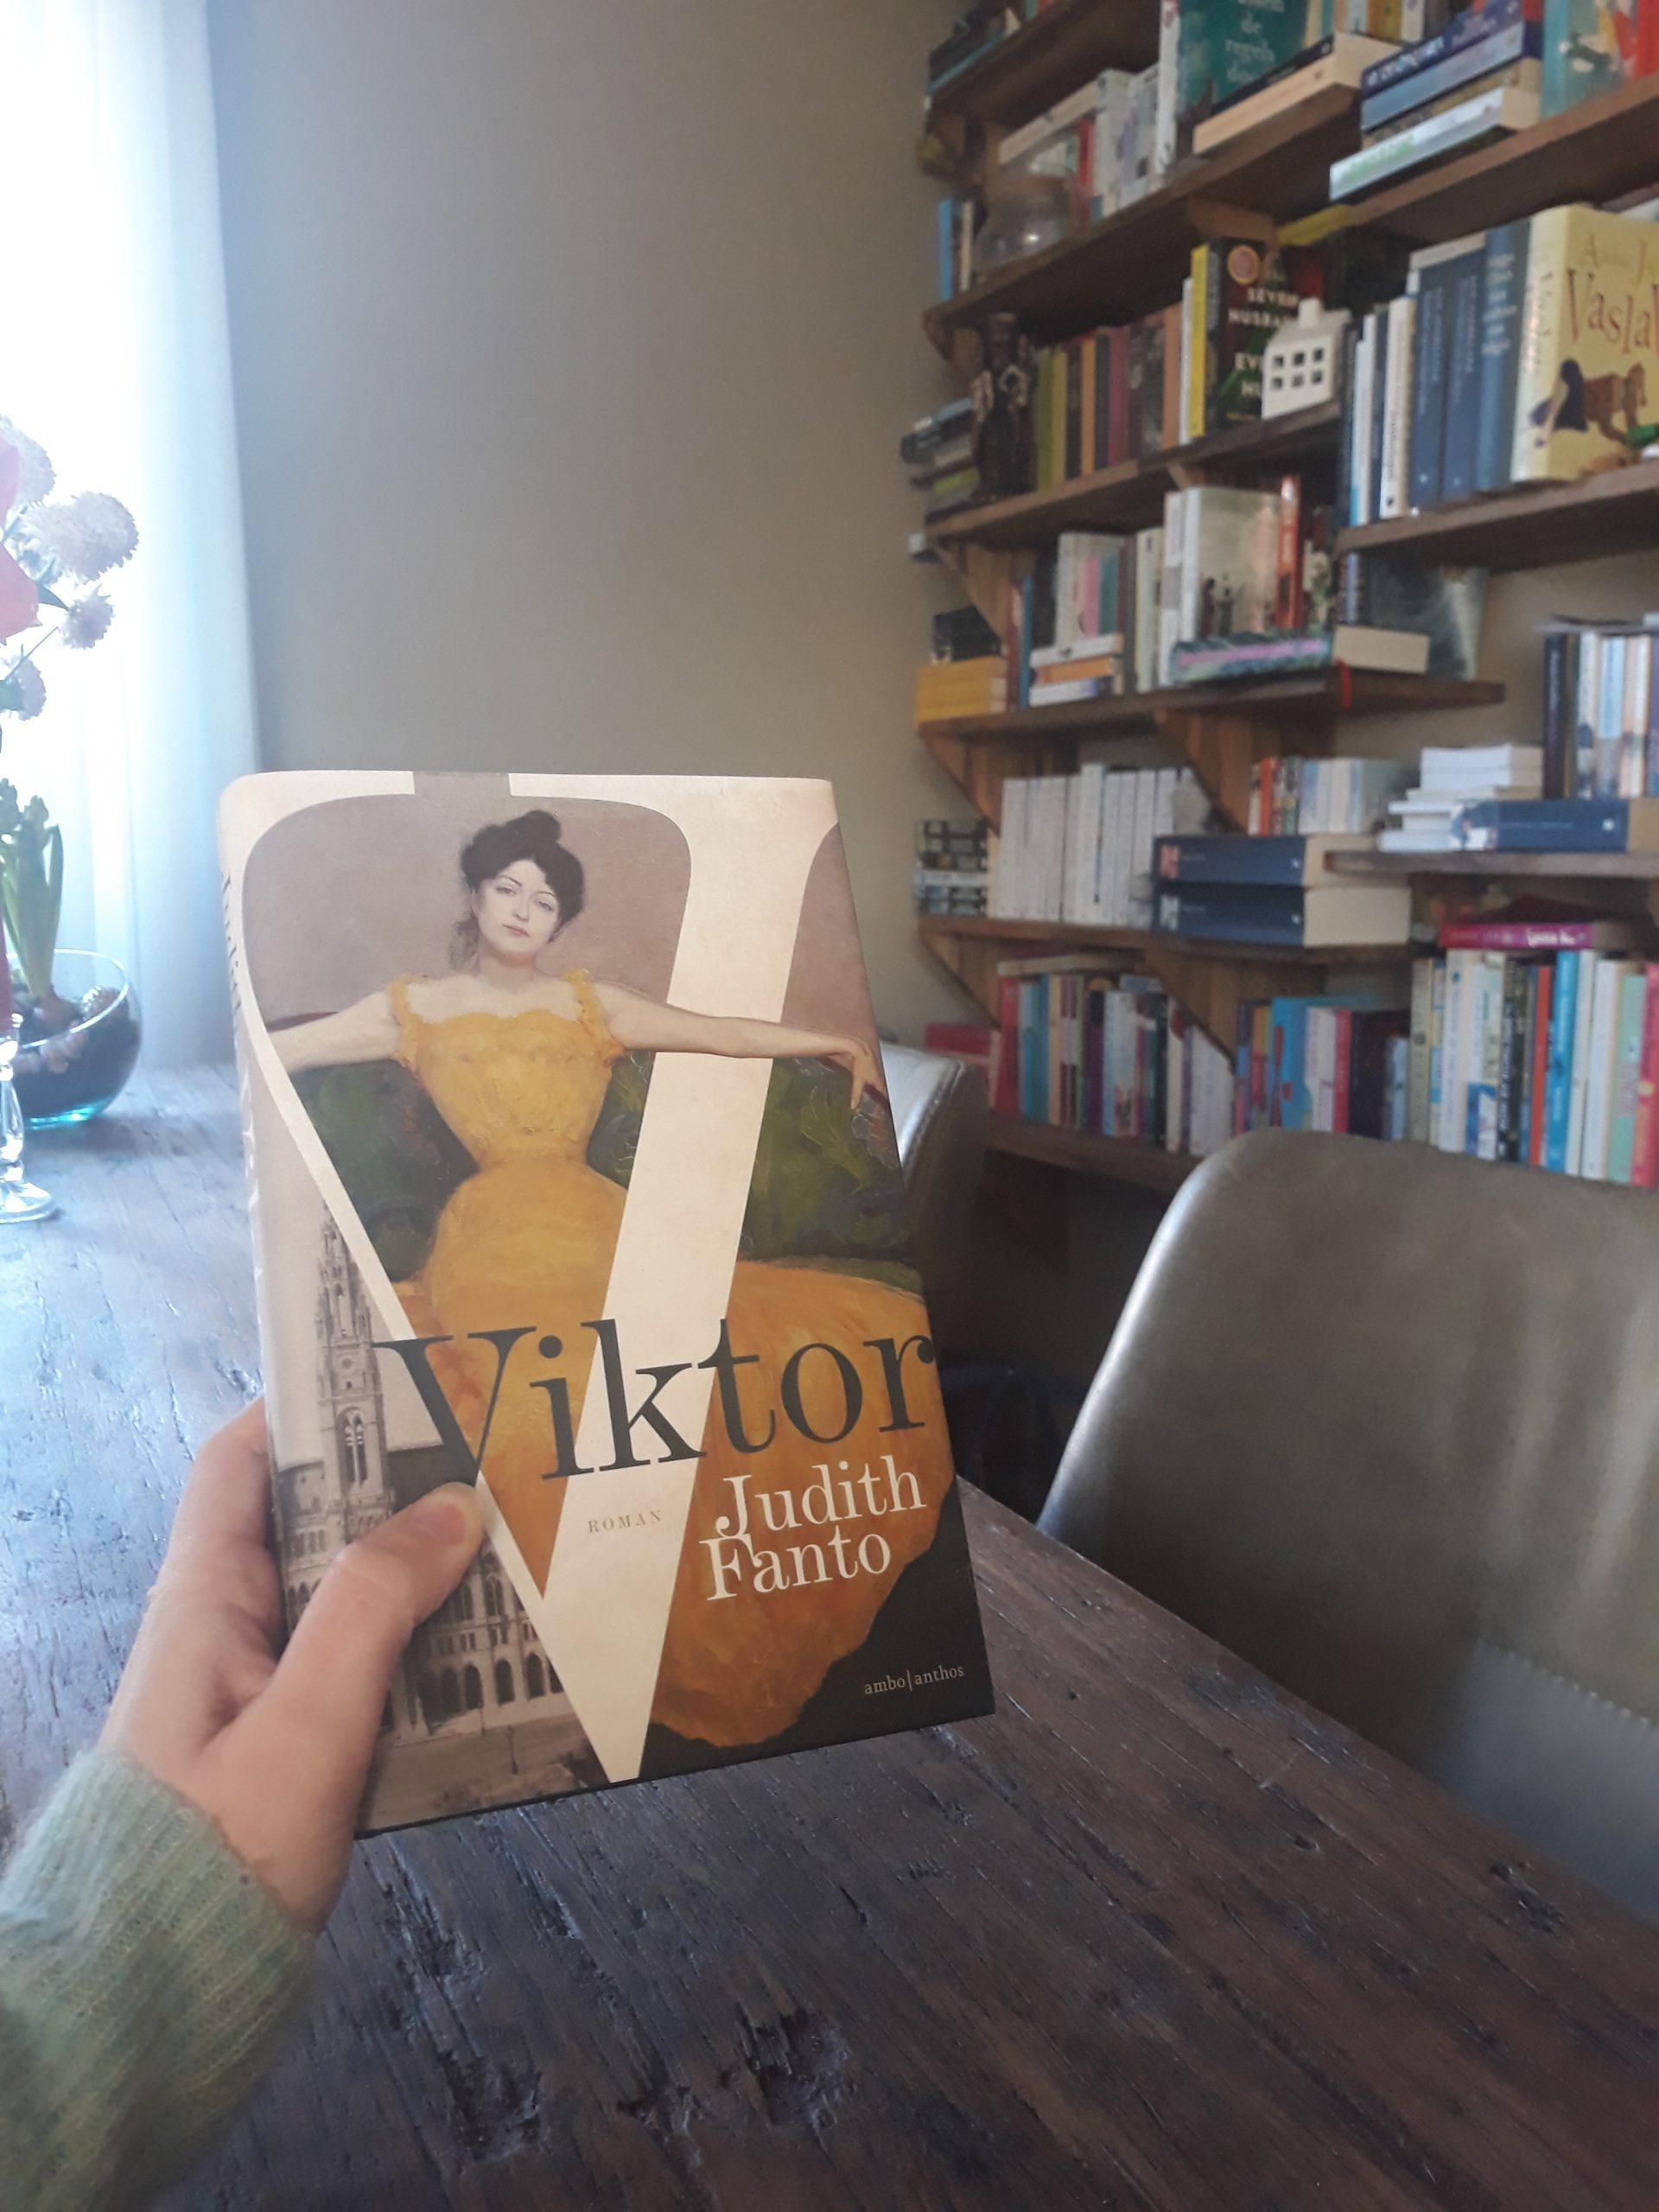 Boekrecensie: Viktor – Judith Fanto